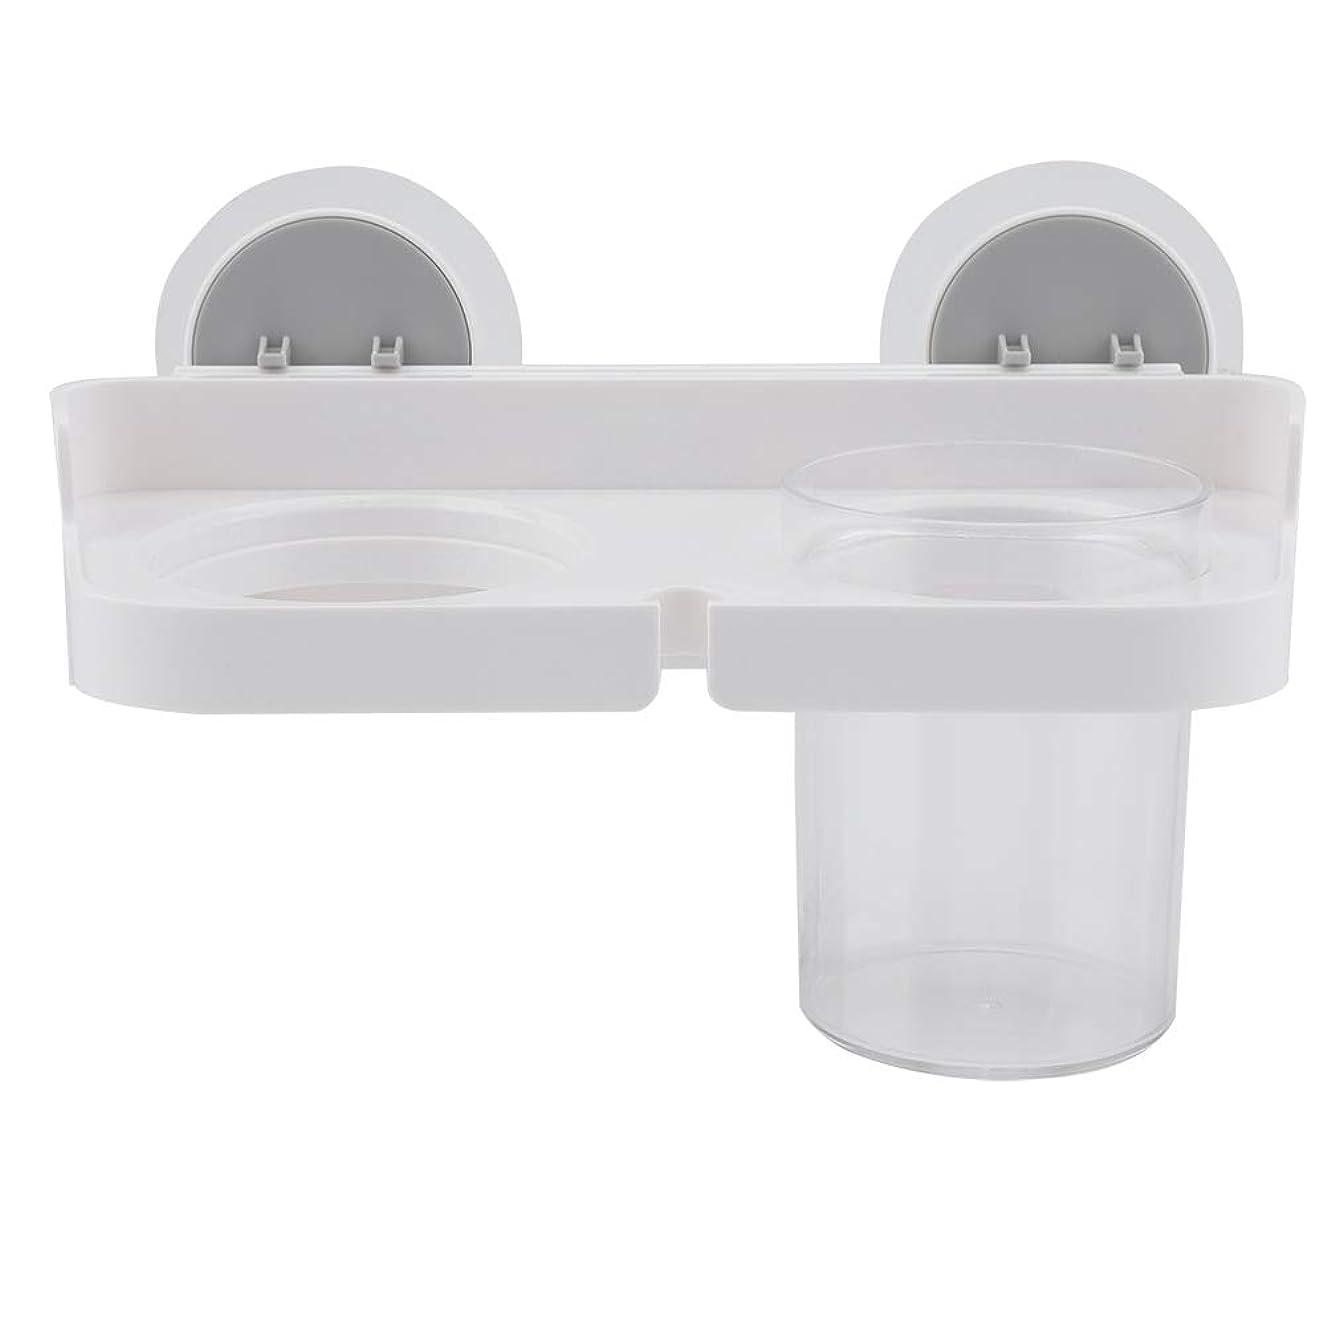 トランペット破裂拡張Salinr ヘアドライヤーホルダー収納オーガナイザー 多機能壁掛け 浴室収納ラックヘアドライヤー 歯ブラシホルダー付き カップ